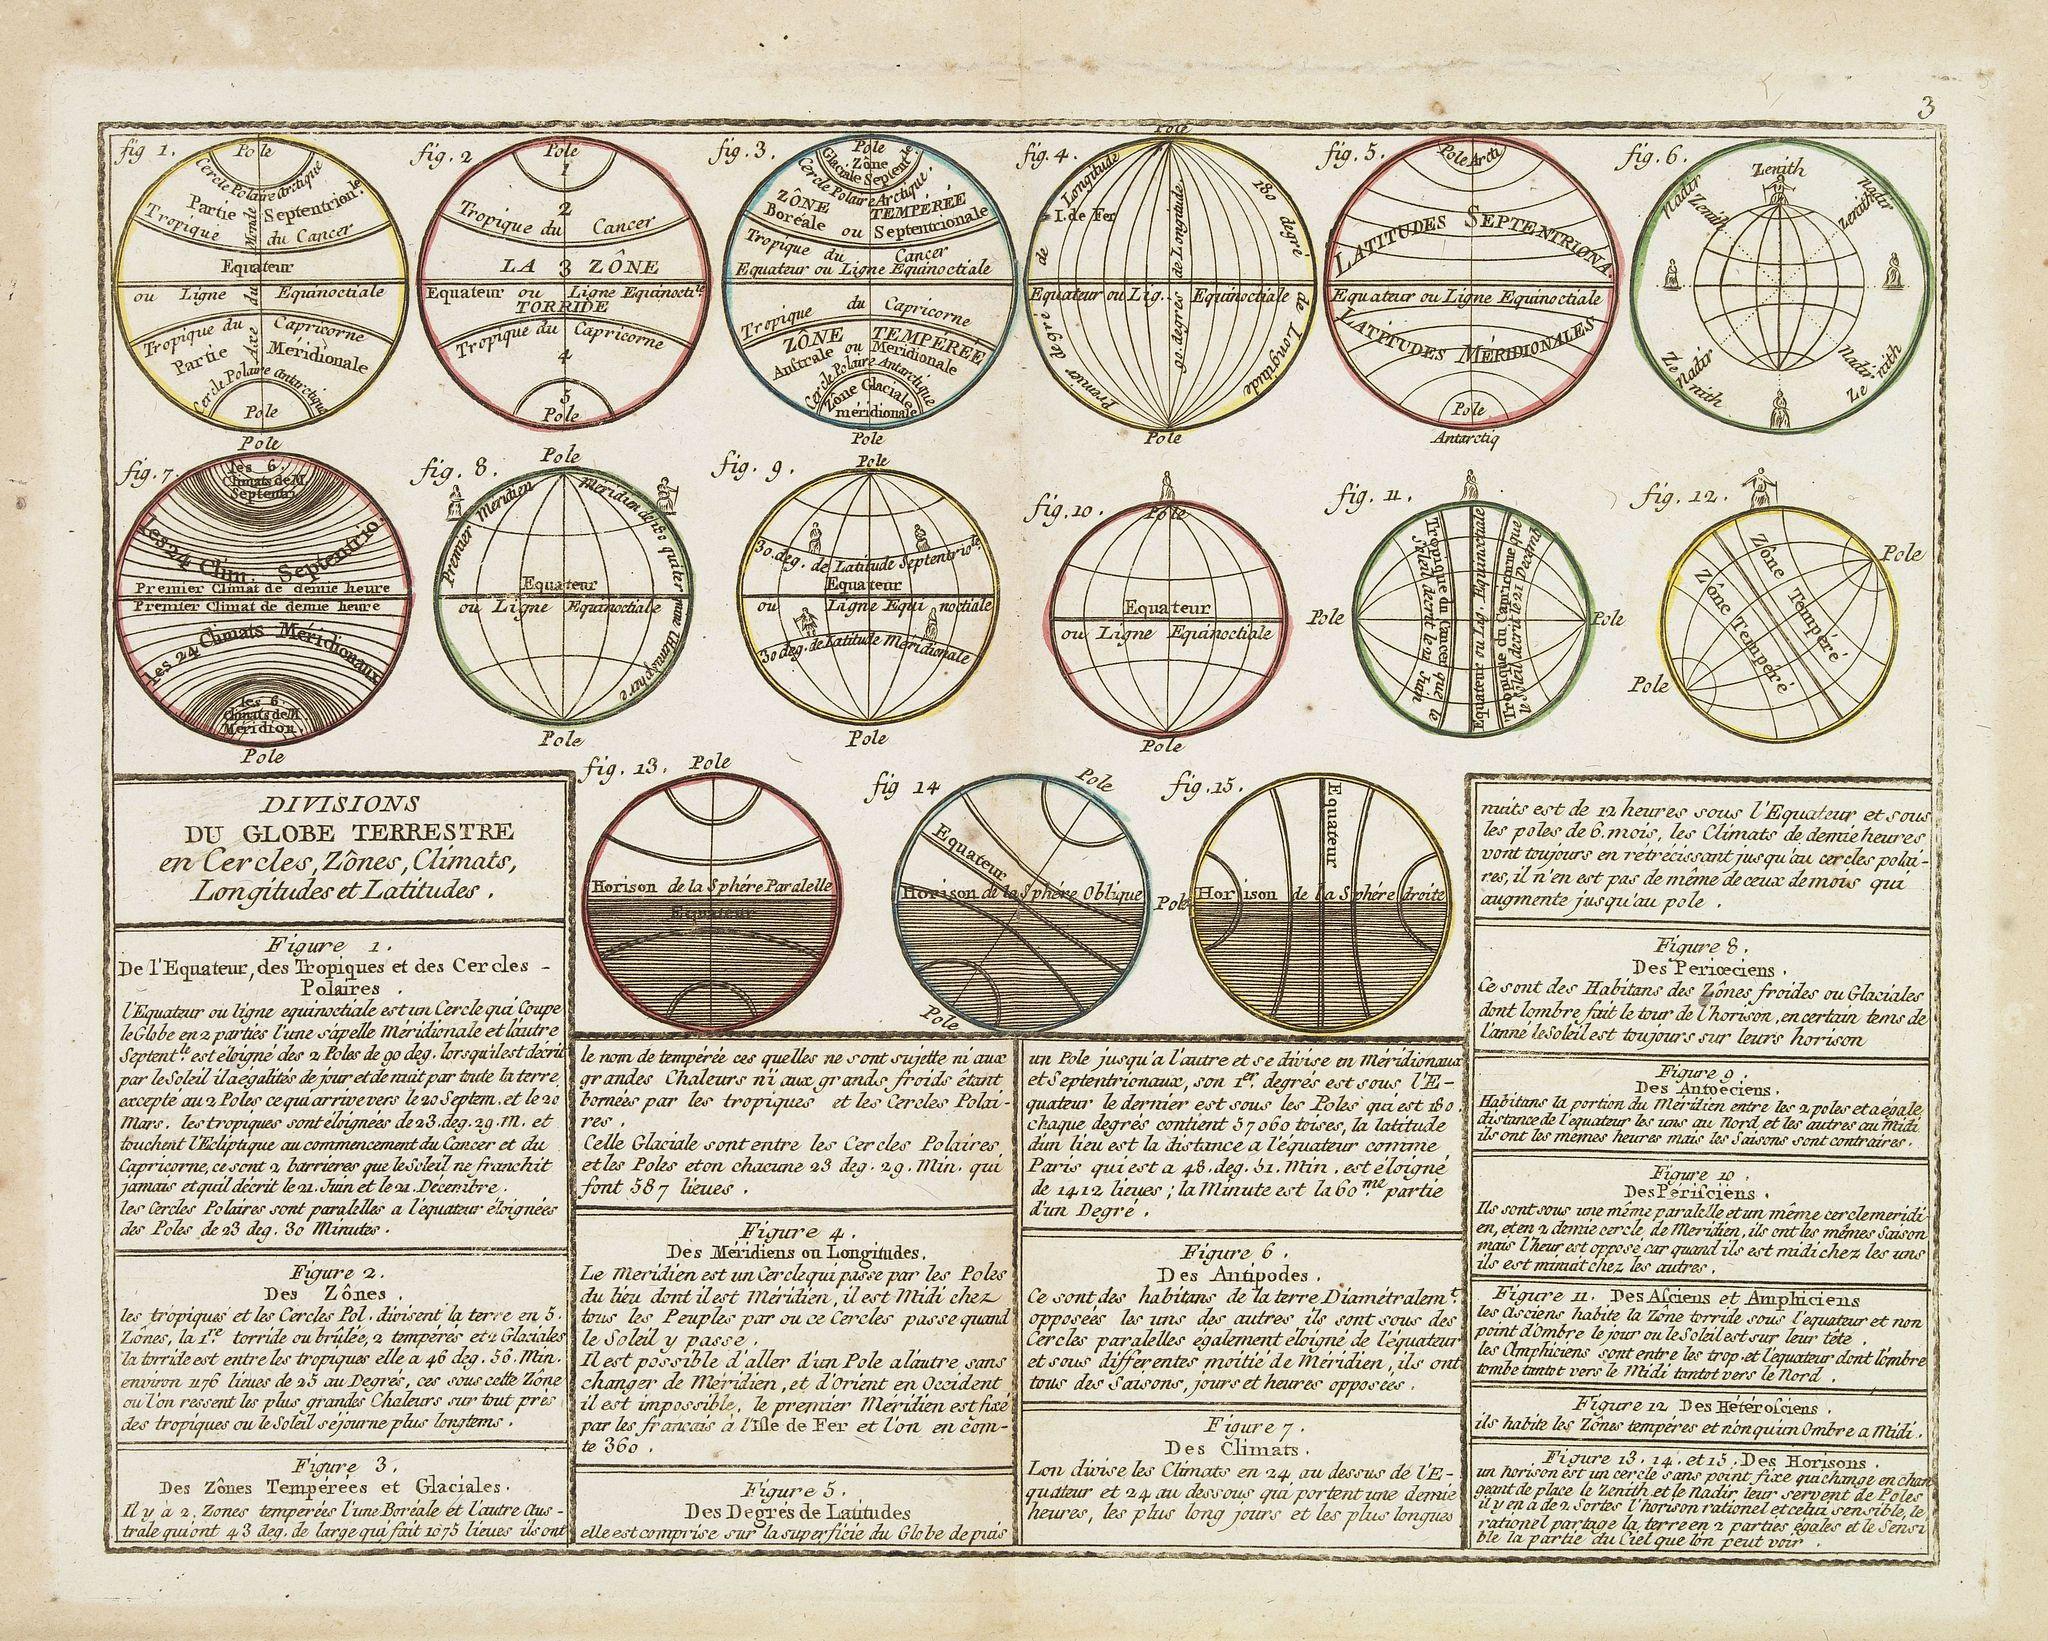 MONDHARE, L.J. / NOLIN, J.B. -  Divisions du Globe Terrestre en Cercles, Zônes, Climats, Longitudes et Latitudes.